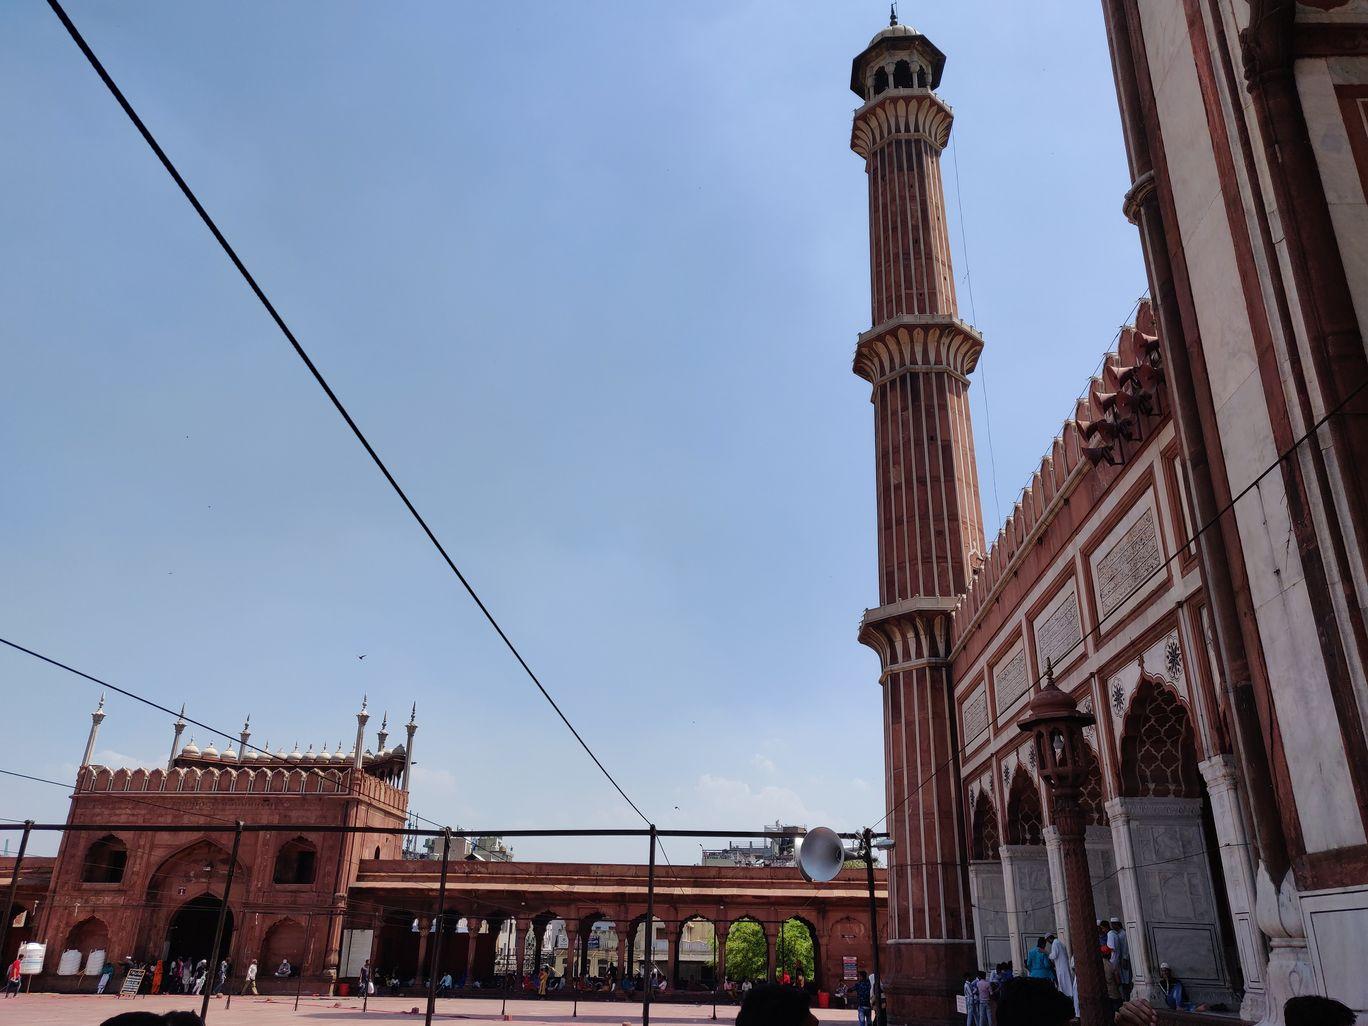 Photo of Jama Masjid By Lingaraj Patro